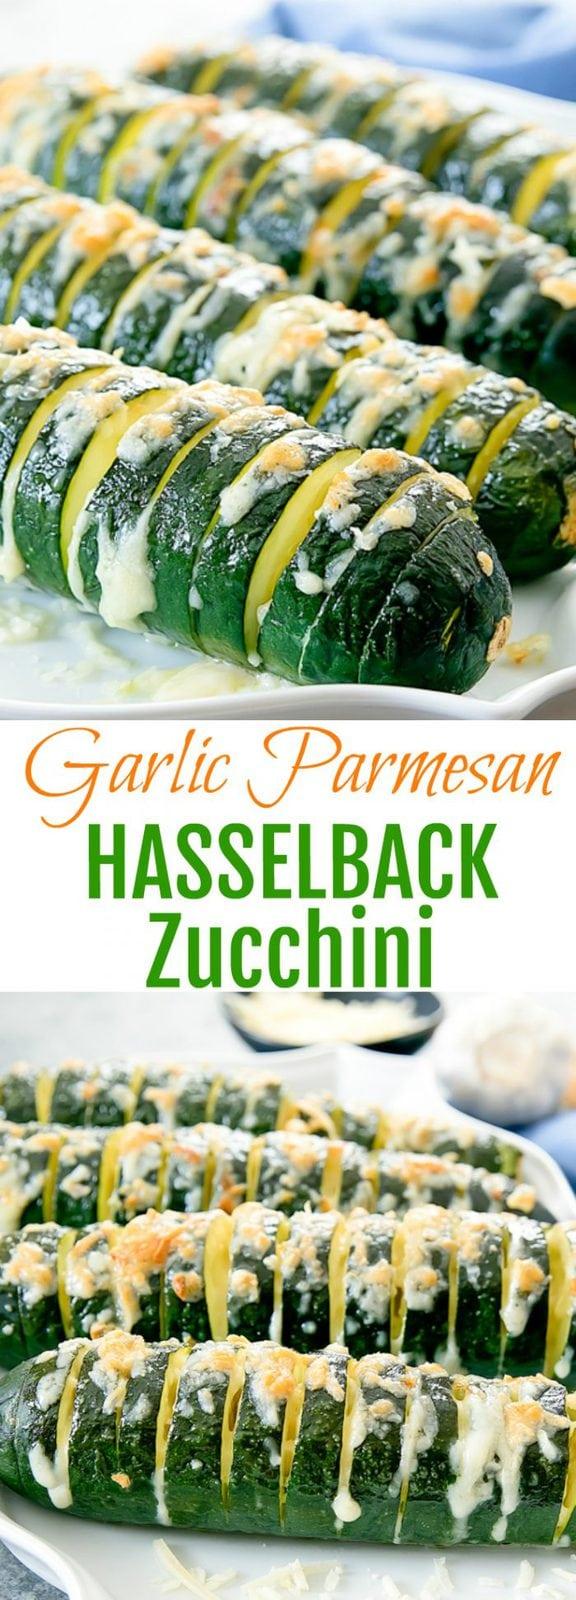 Garlic Parmesan Hasselback Zucchini